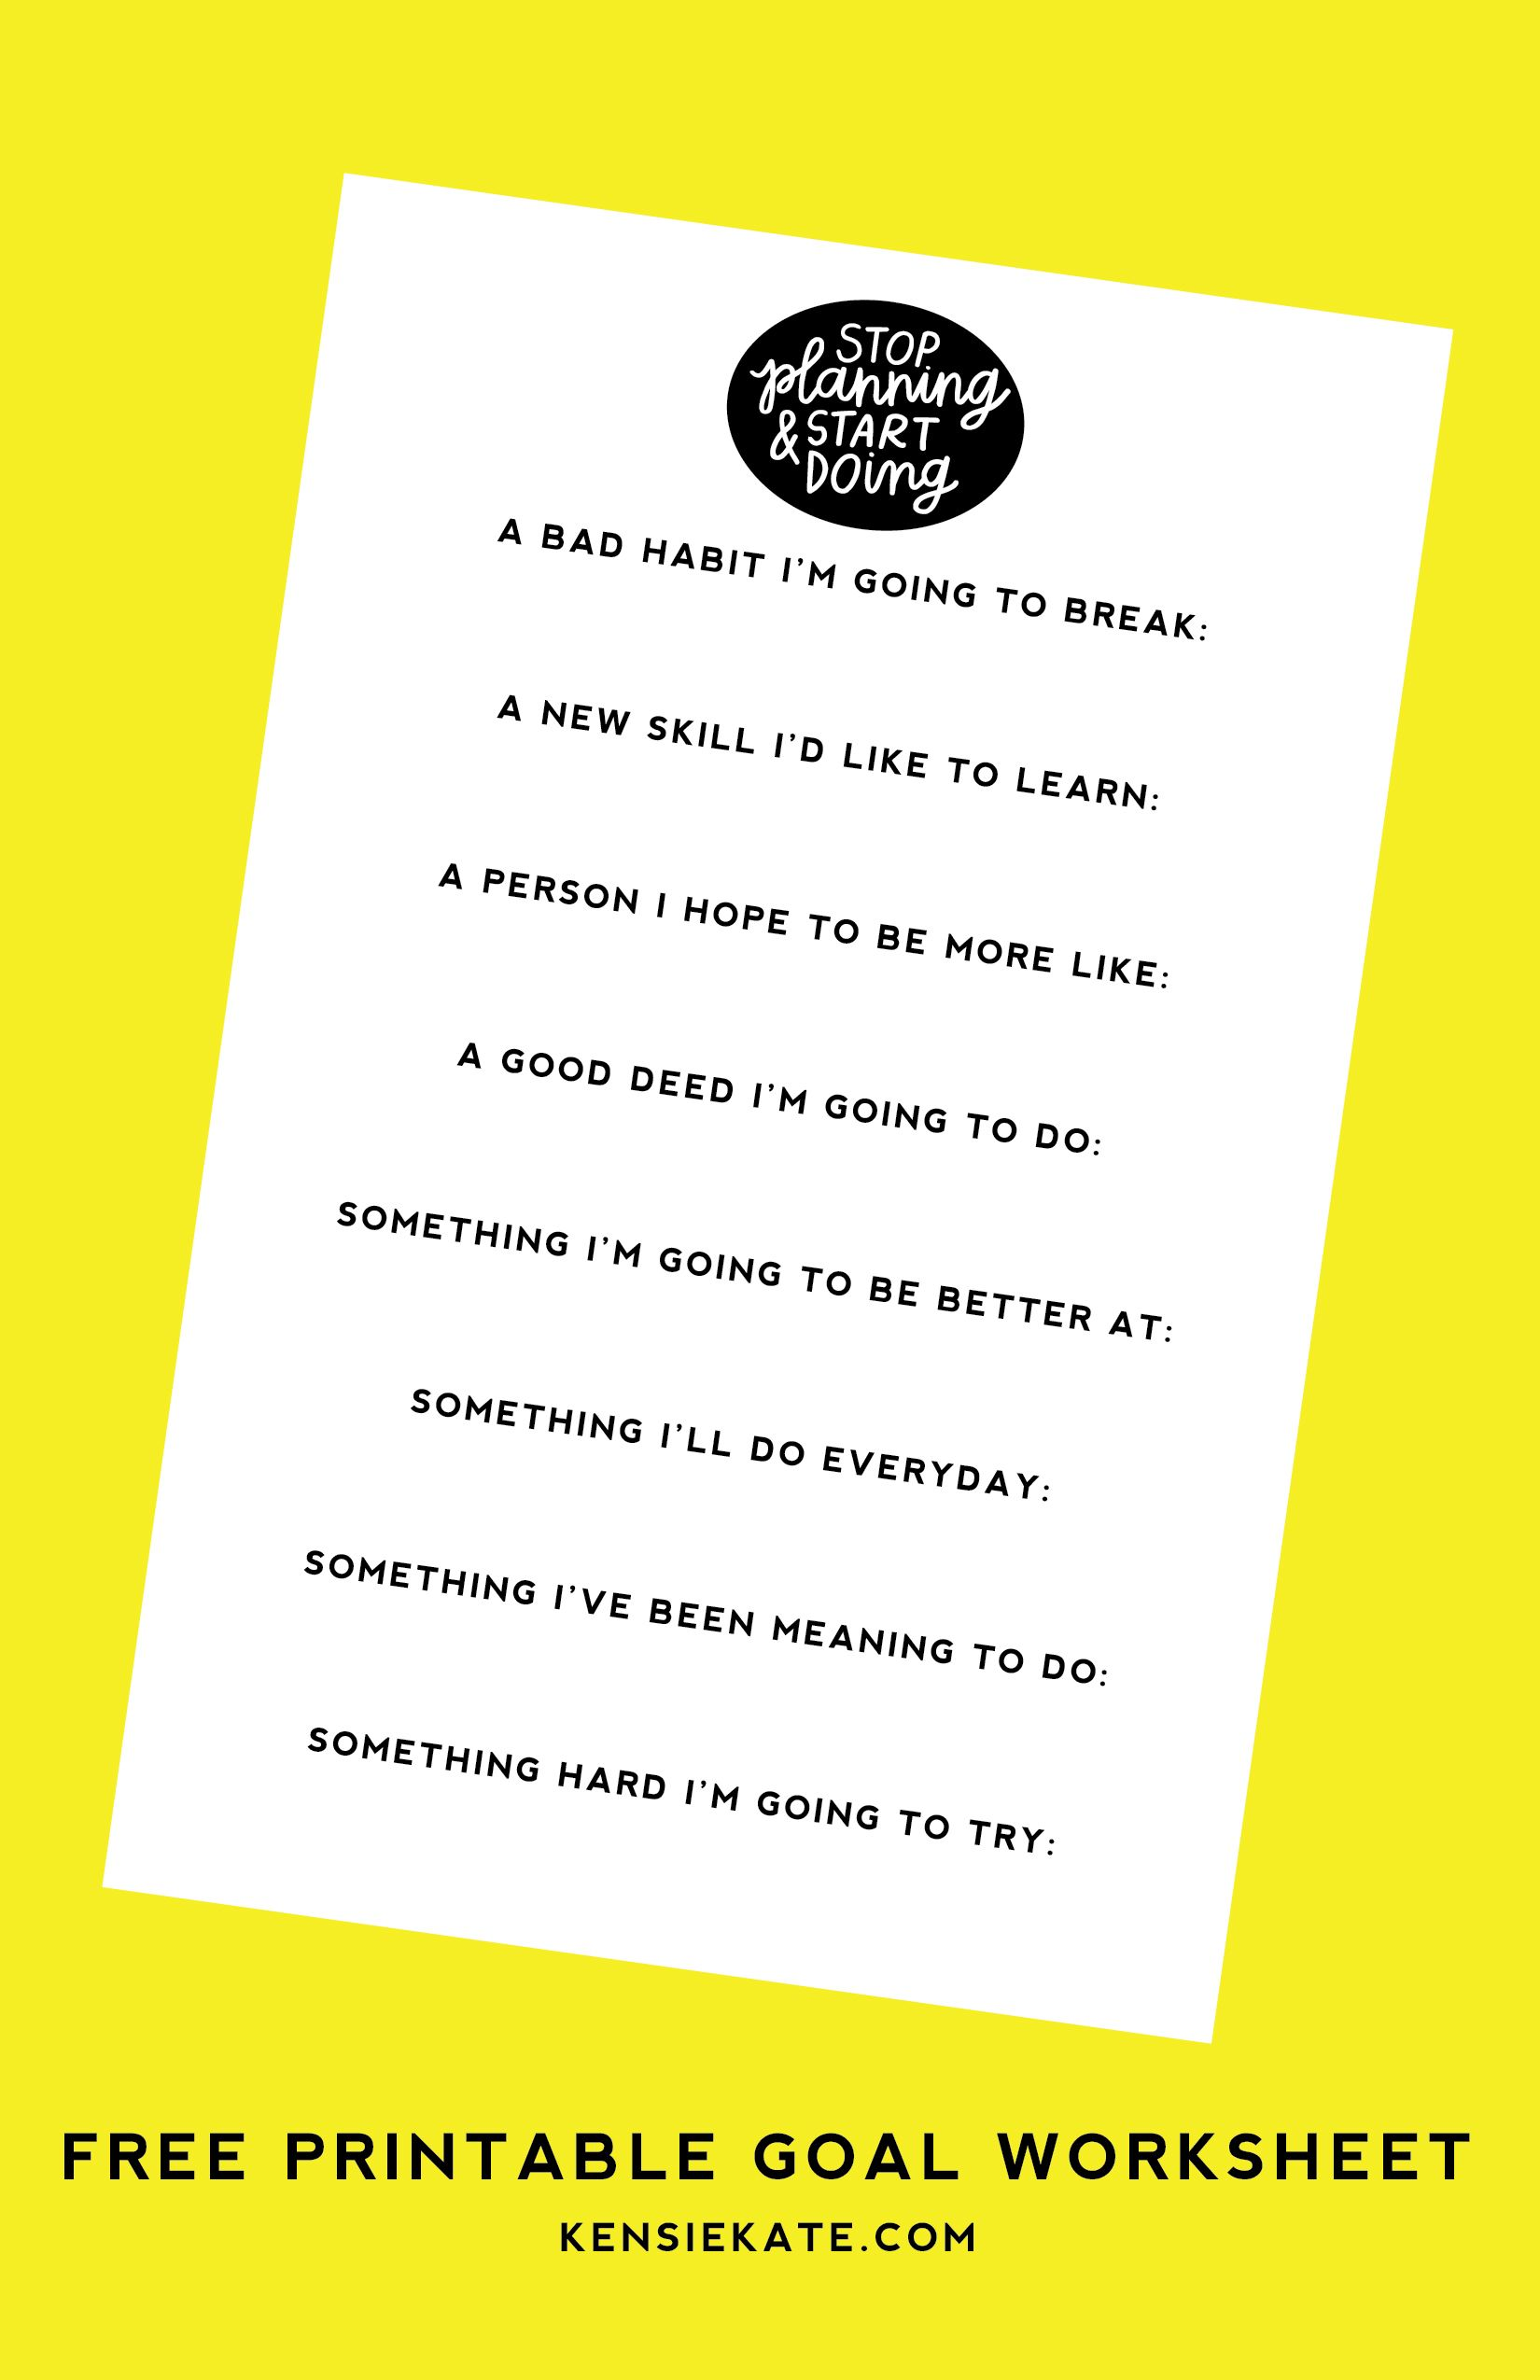 Free Printable Goal Worksheet Kensie Kate